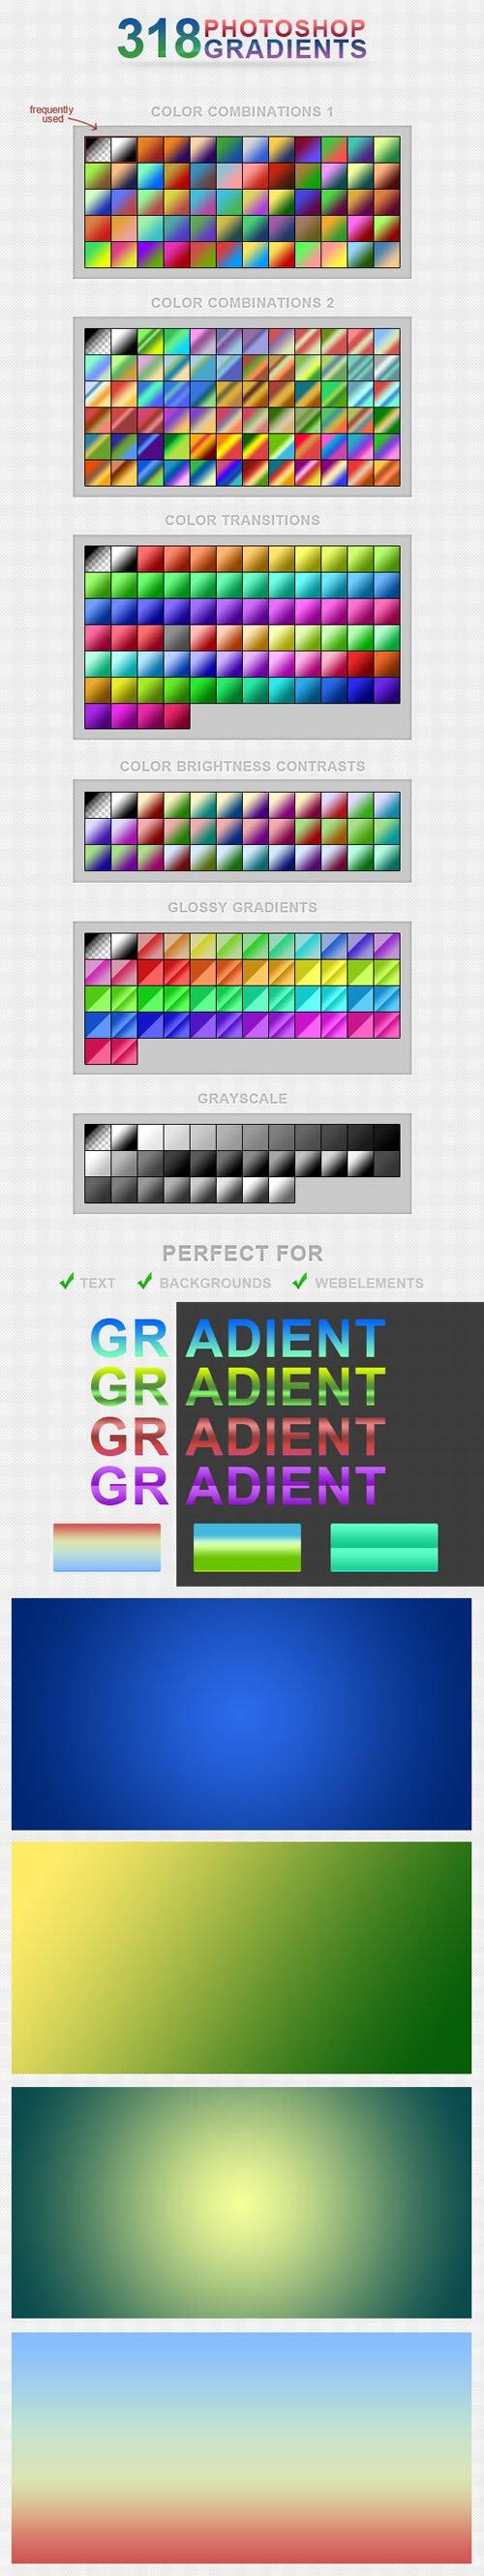 300+ Photoshop Gradients in 6 Categories